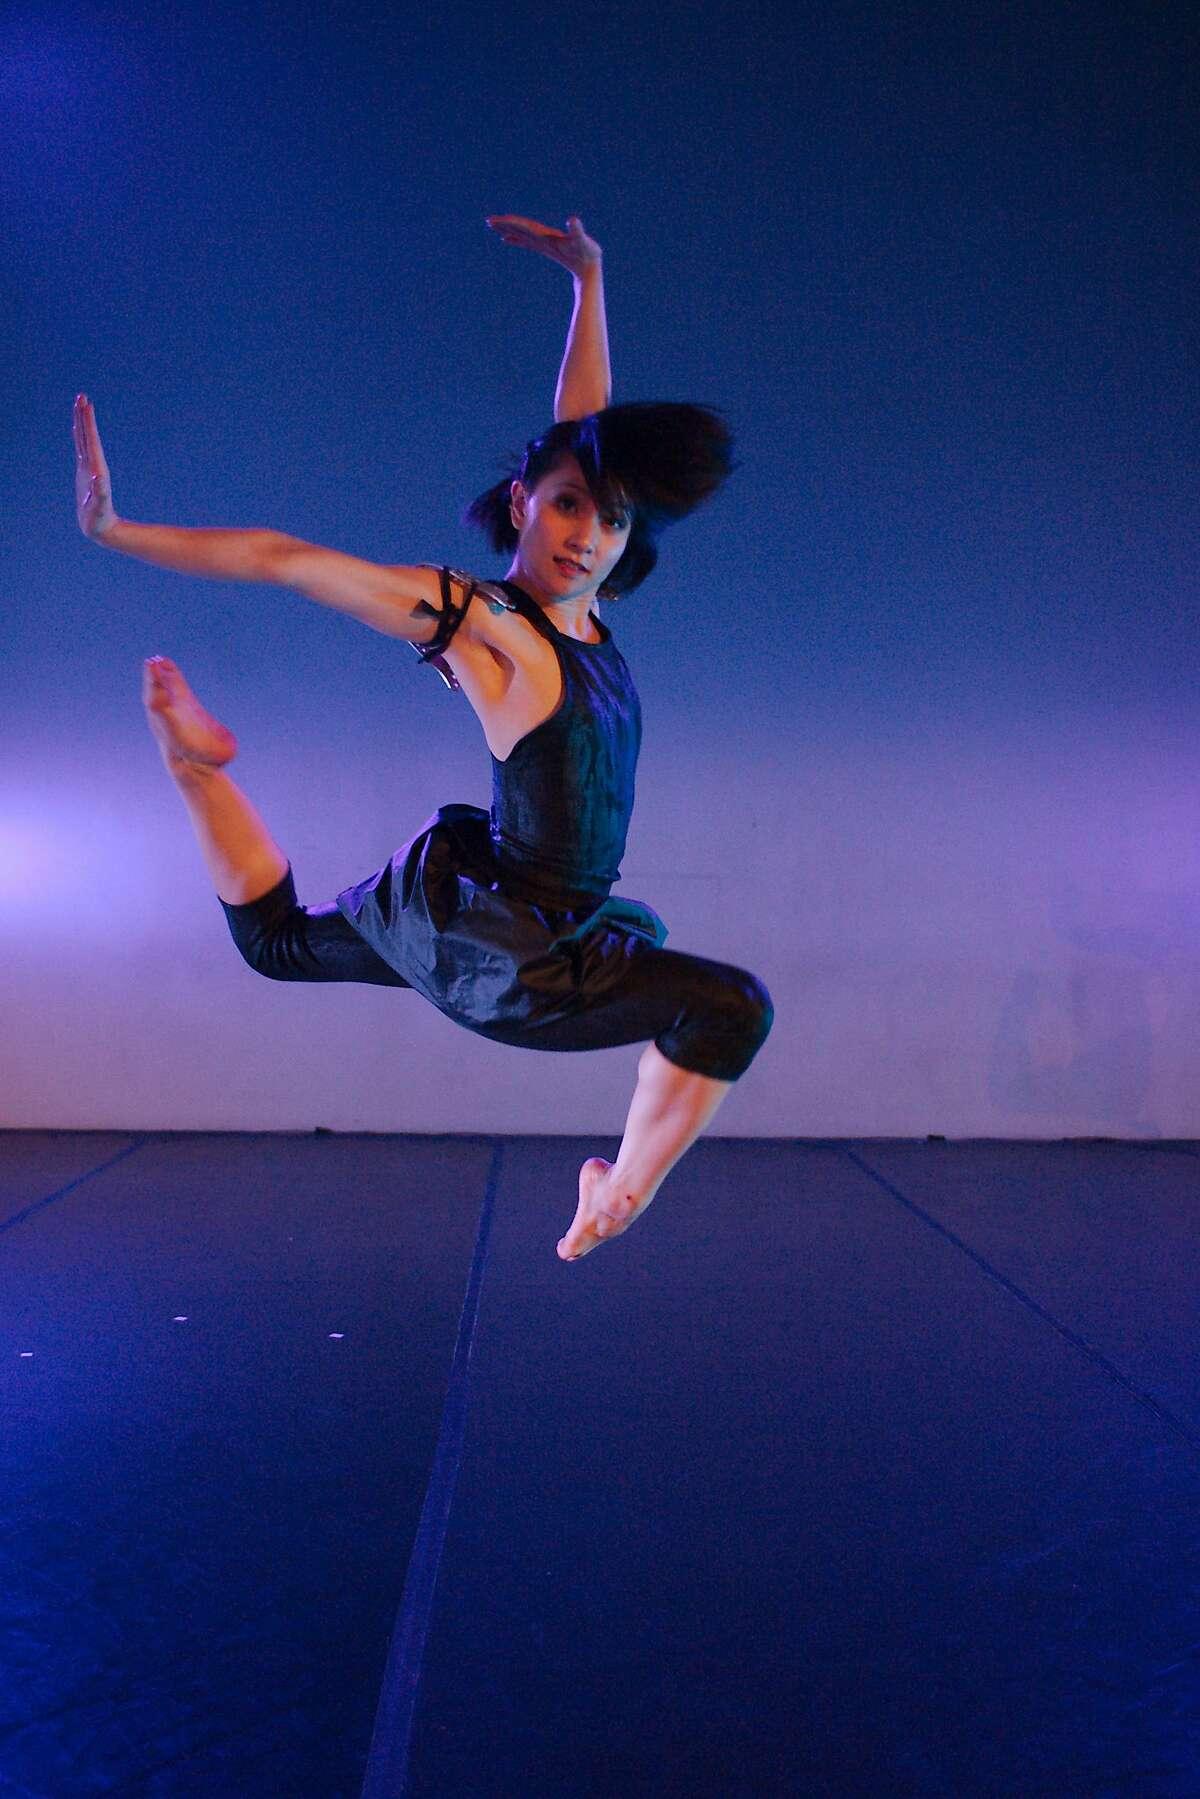 Linda Phung of Soulskin Dance performin